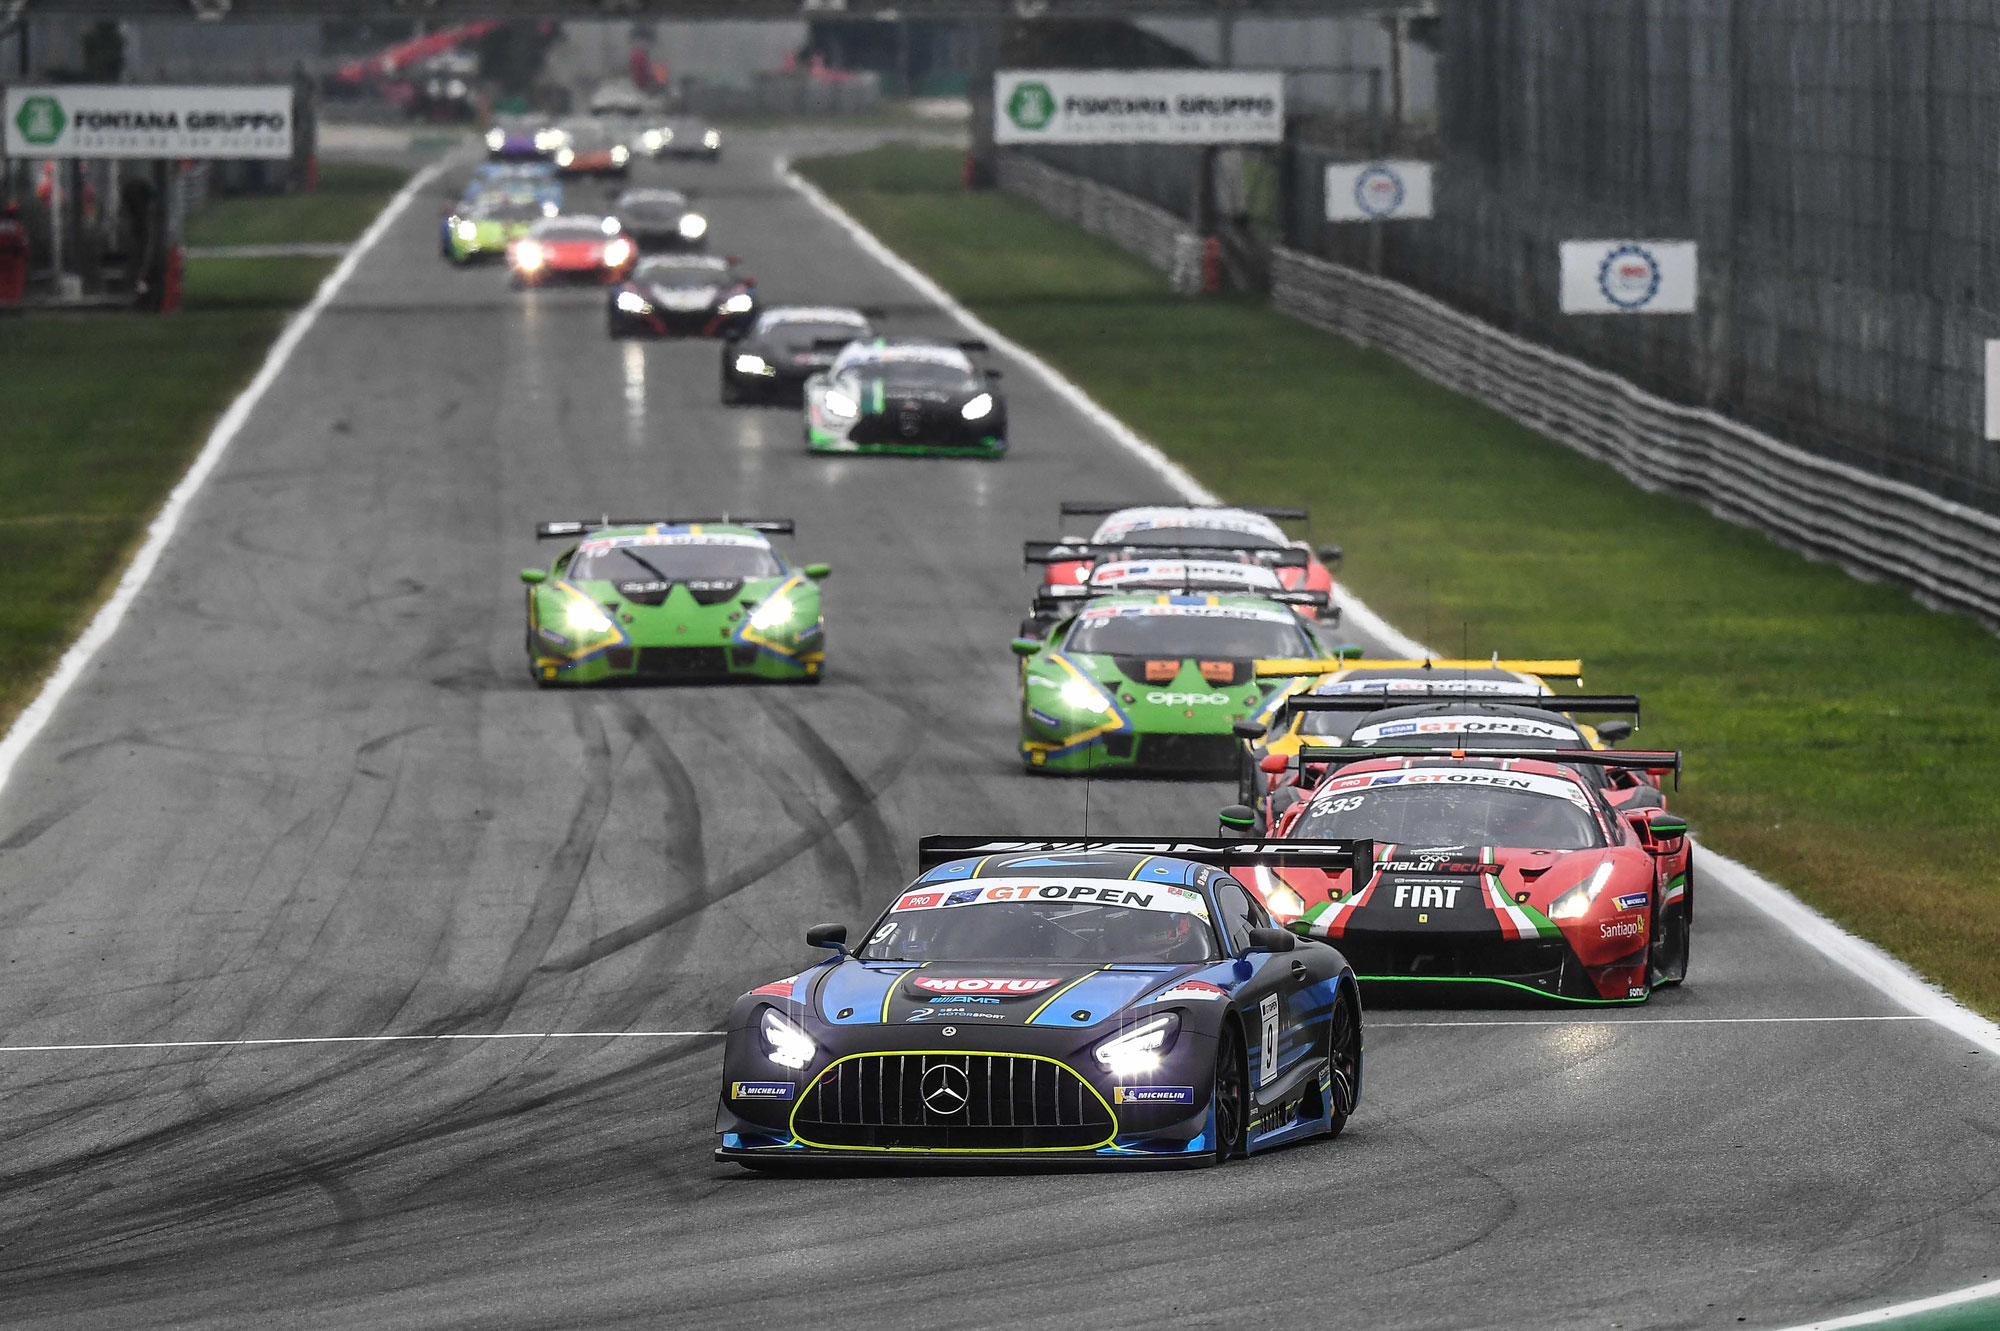 Michele Beretta erzielt Pole-Position für Lamborghini - 2Seas Motorsport gewinnt Rennen 1